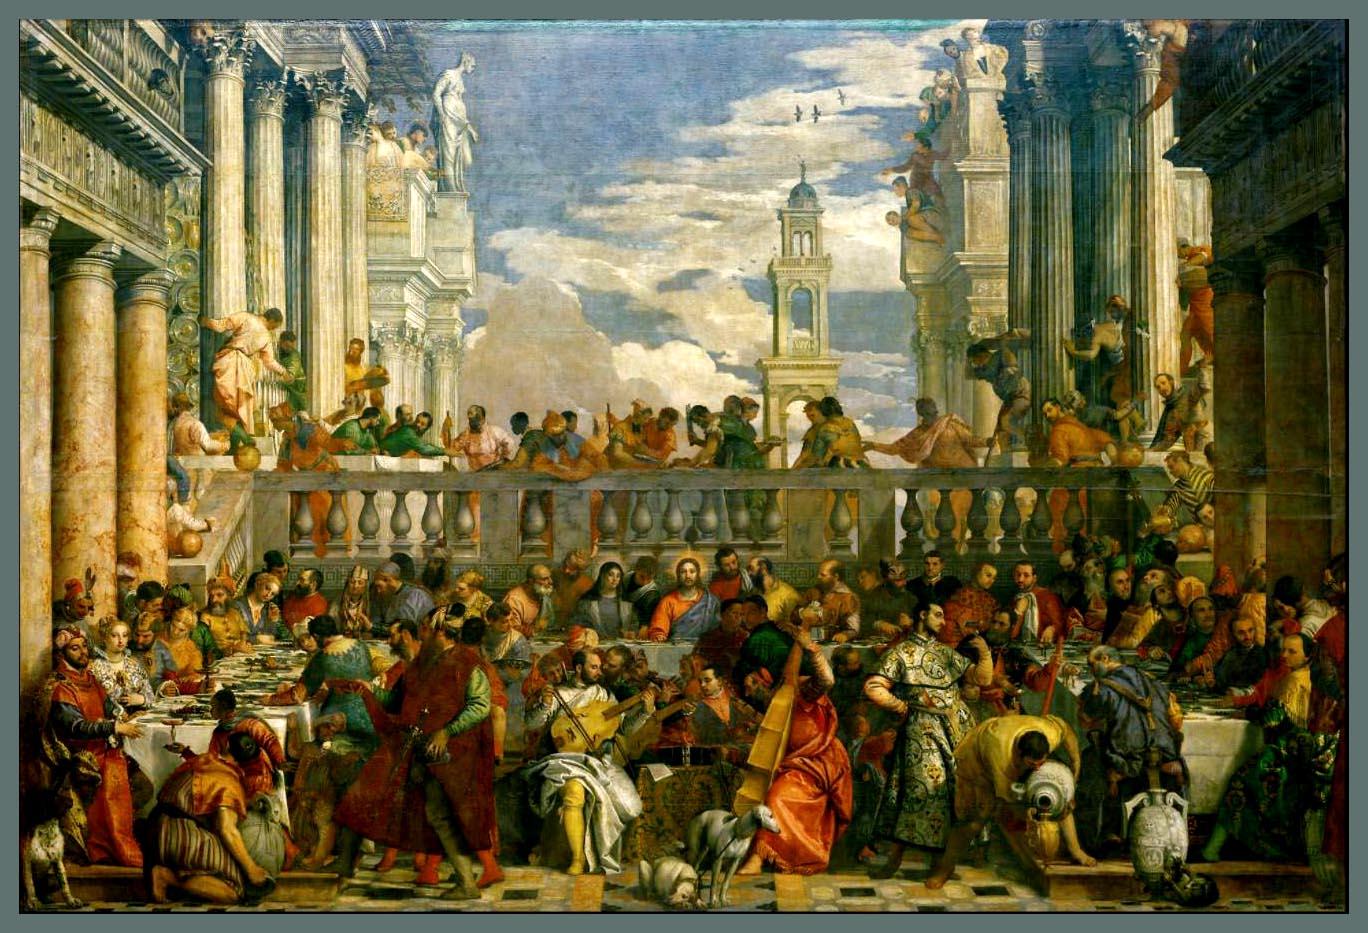 http://4.bp.blogspot.com/-3zjbT-GupRE/TrF_s0KeyCI/AAAAAAAAE-Y/i3Fzdvd0w6g/s1600/733+1+Bodas+de+Cana-Verones-Museo+del+Louvre.jpg